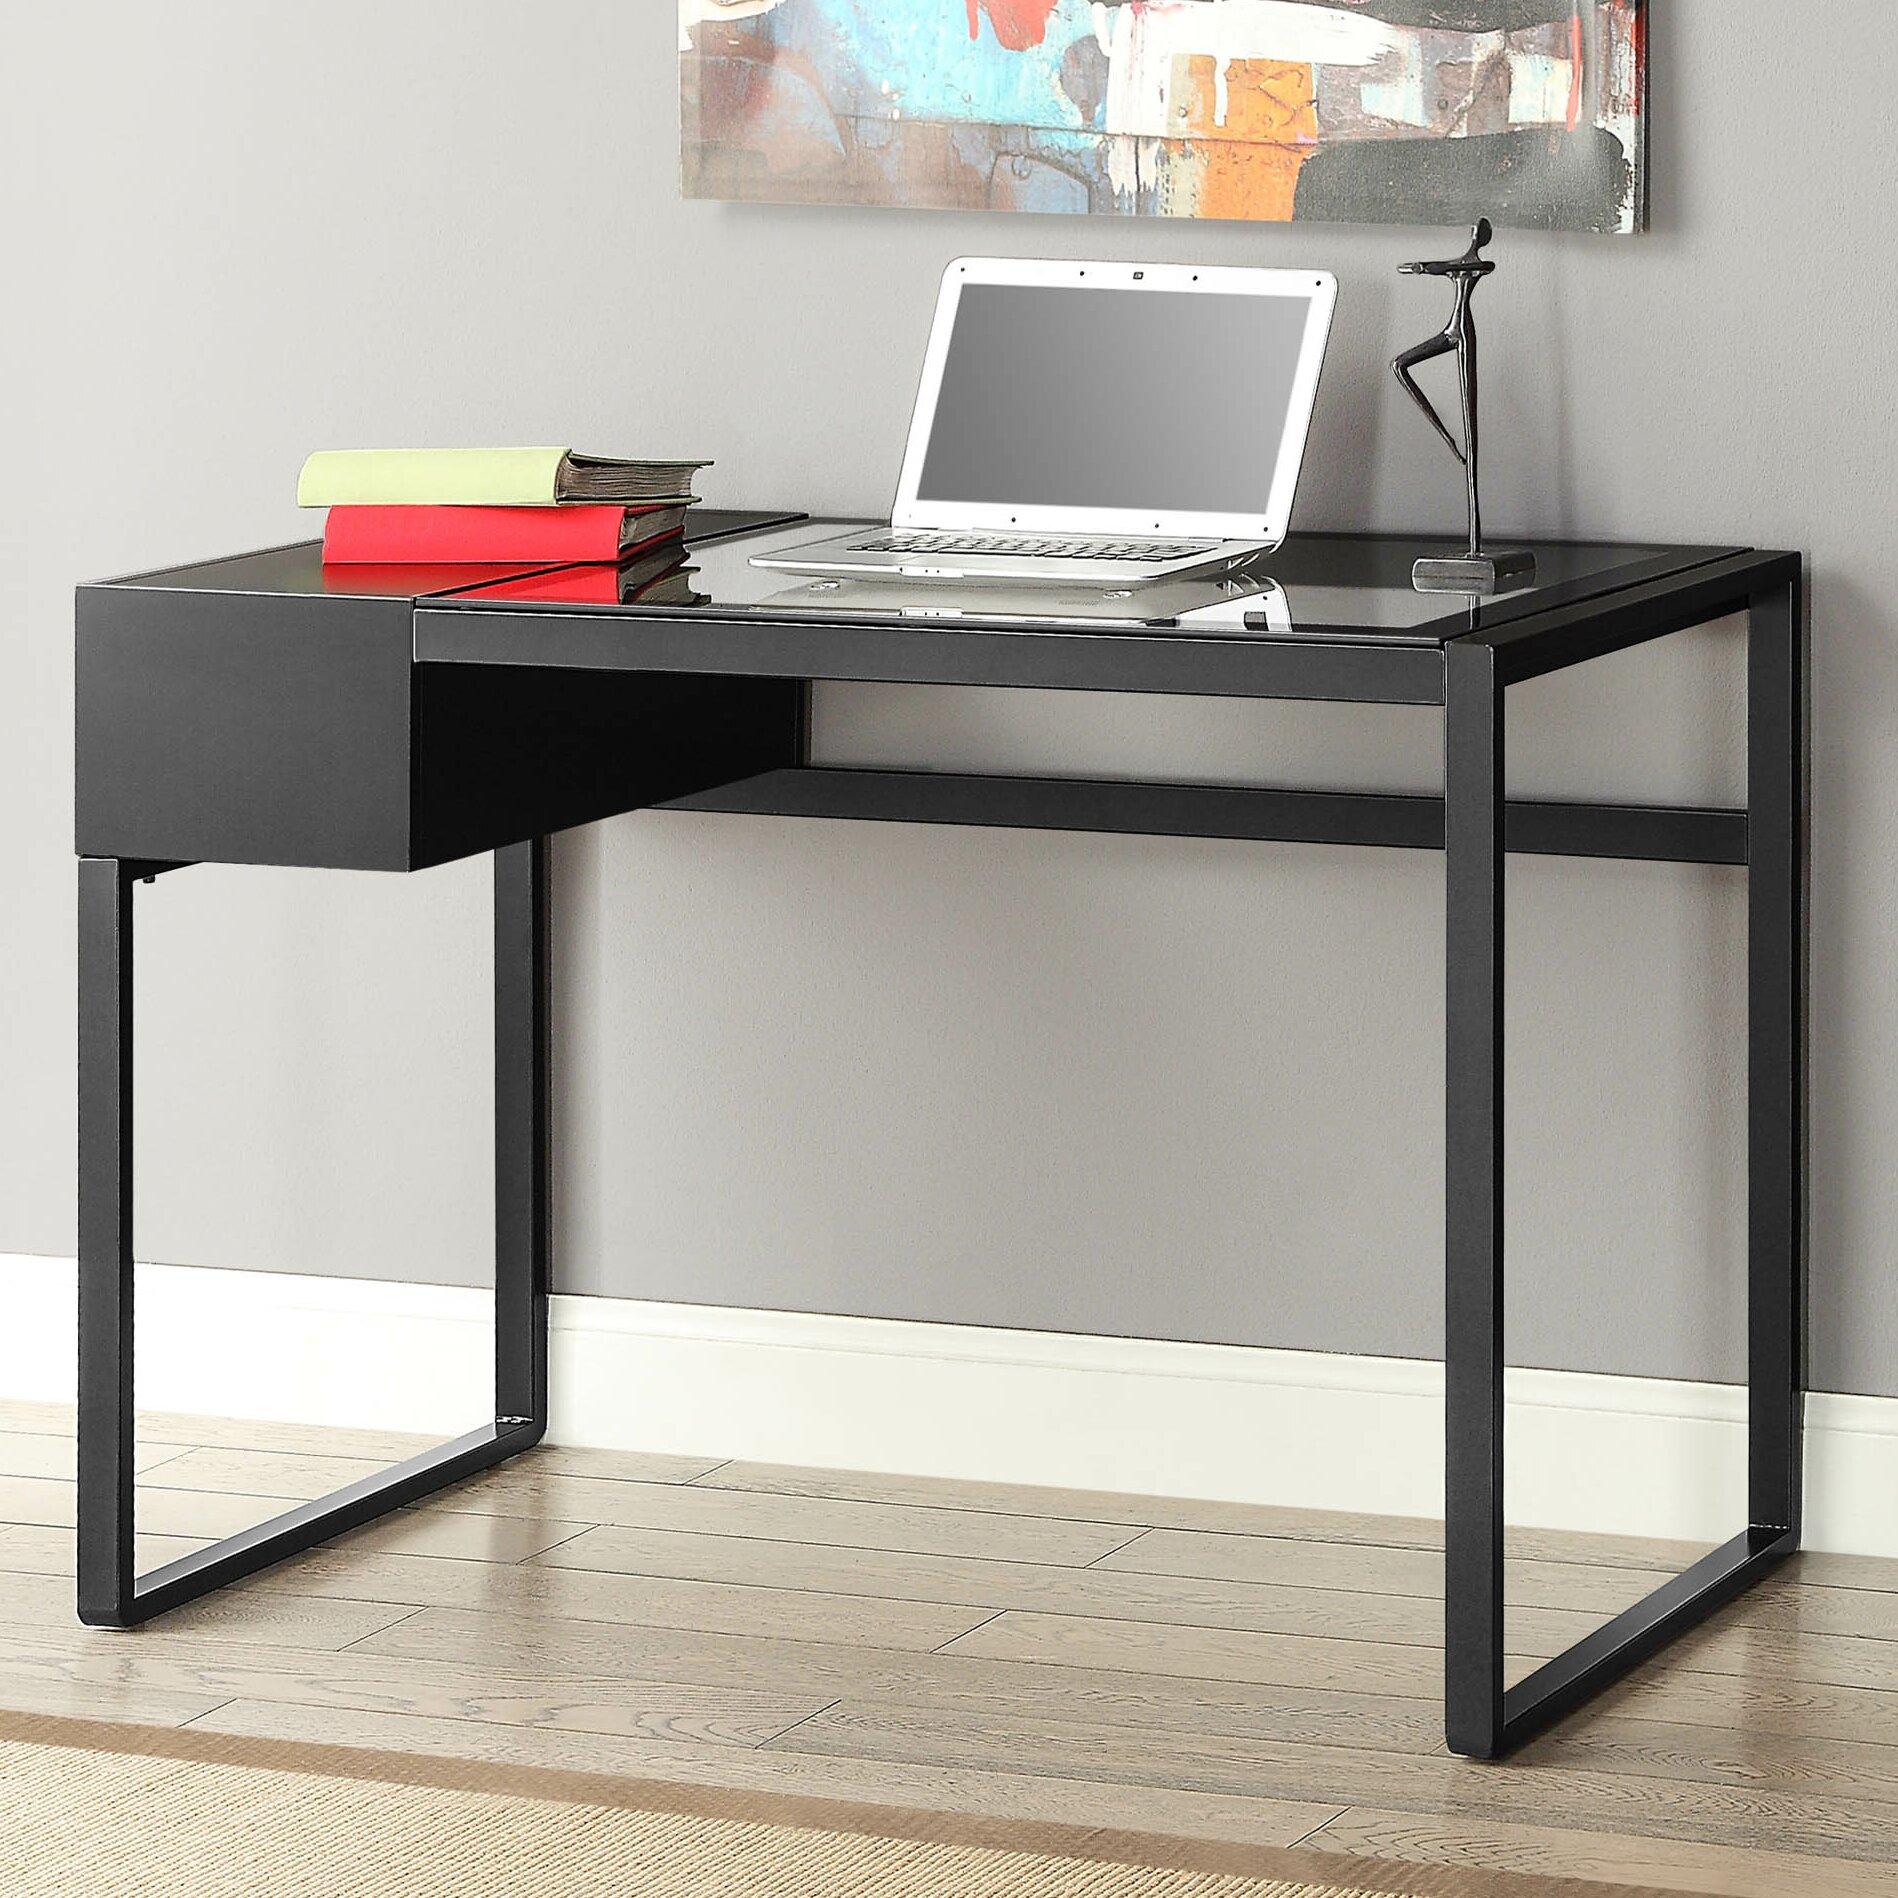 Whalen Furniture Courtland Computer Desk & Reviews | Wayfair